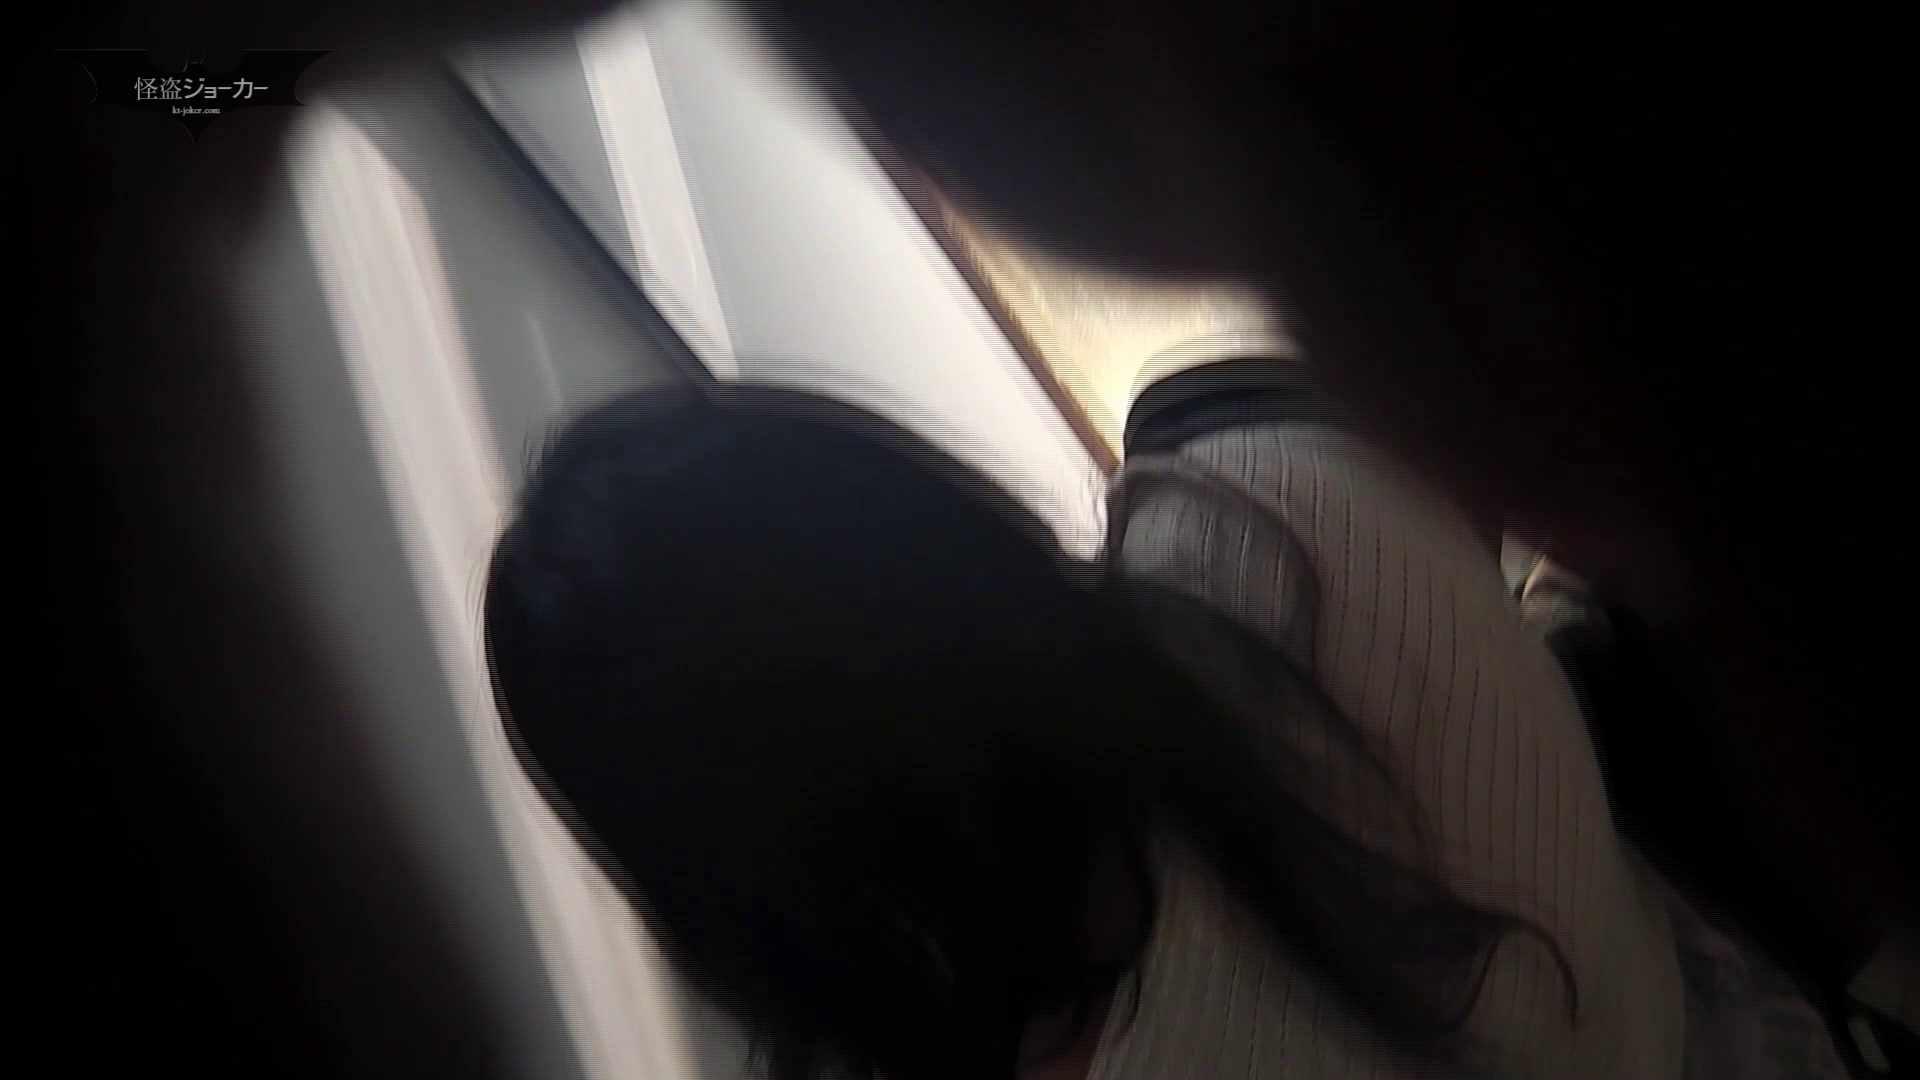 潜入!!台湾名門女学院 Vol.09 奥まで取れた、入れ墨美女 丸見え  81PIX 55